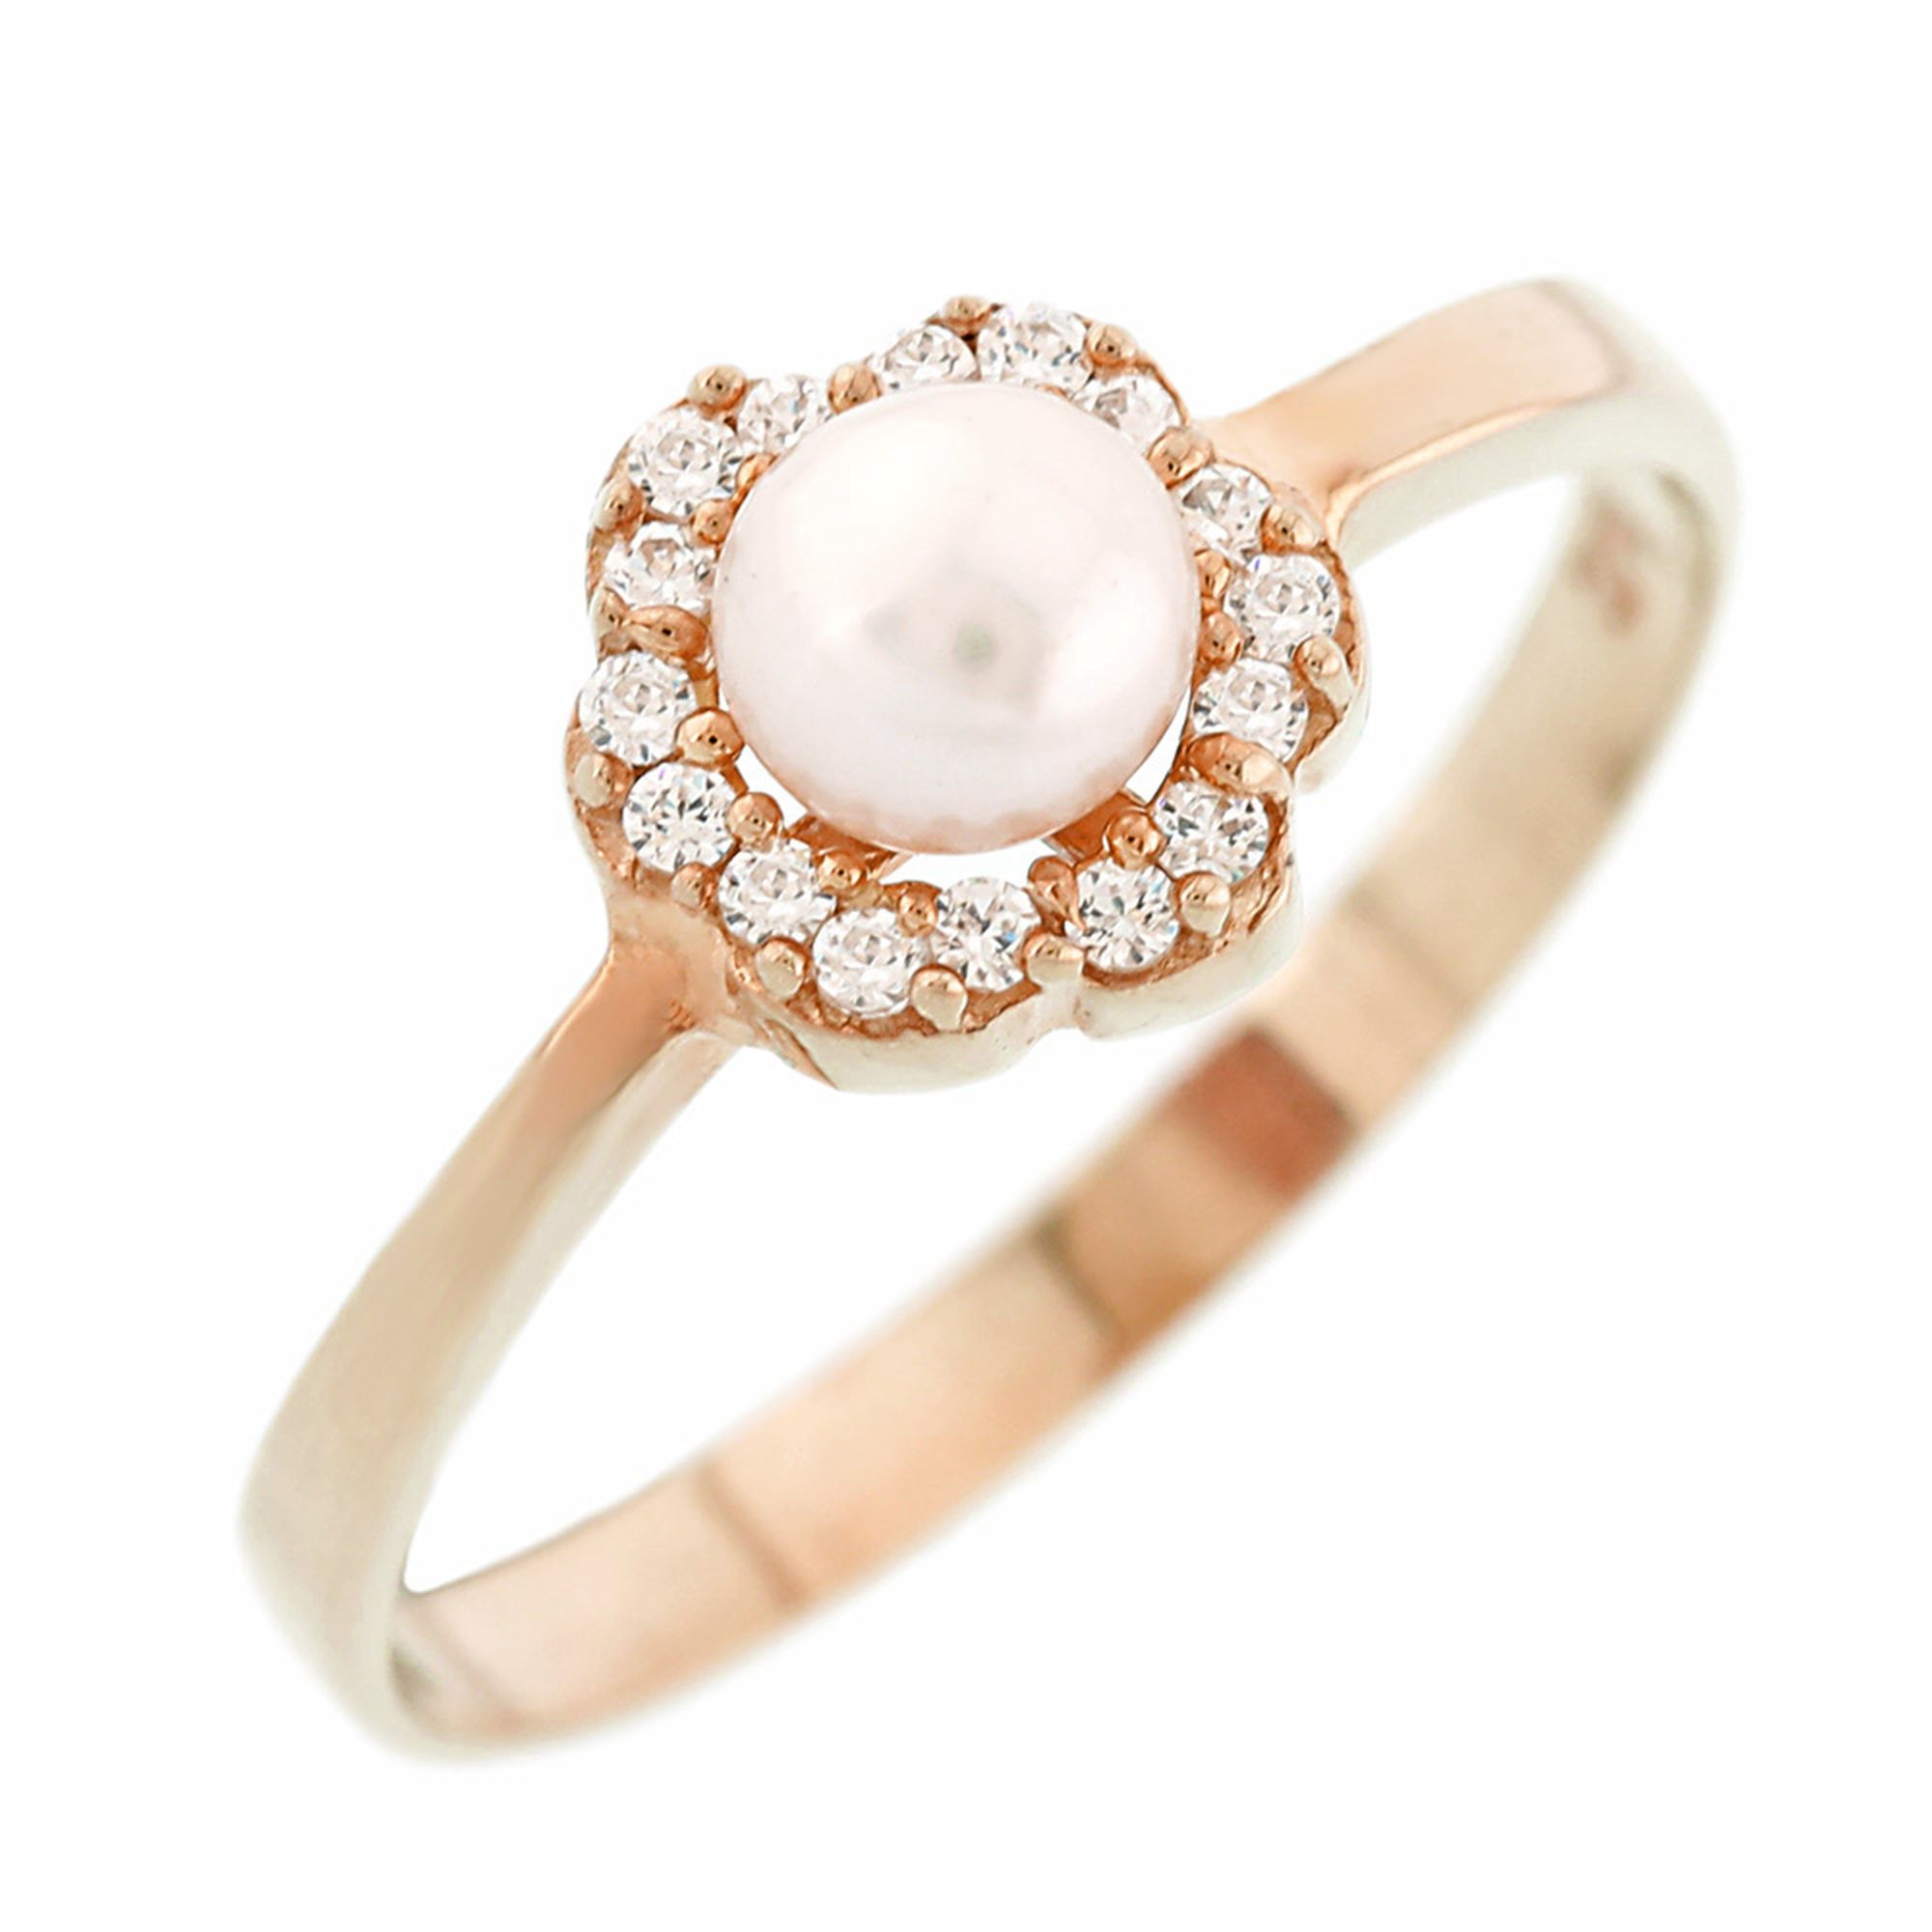 Χρυσό Δαχτυλίδι Ροζέτα με Μαργαριτάρι 9 Καράτια